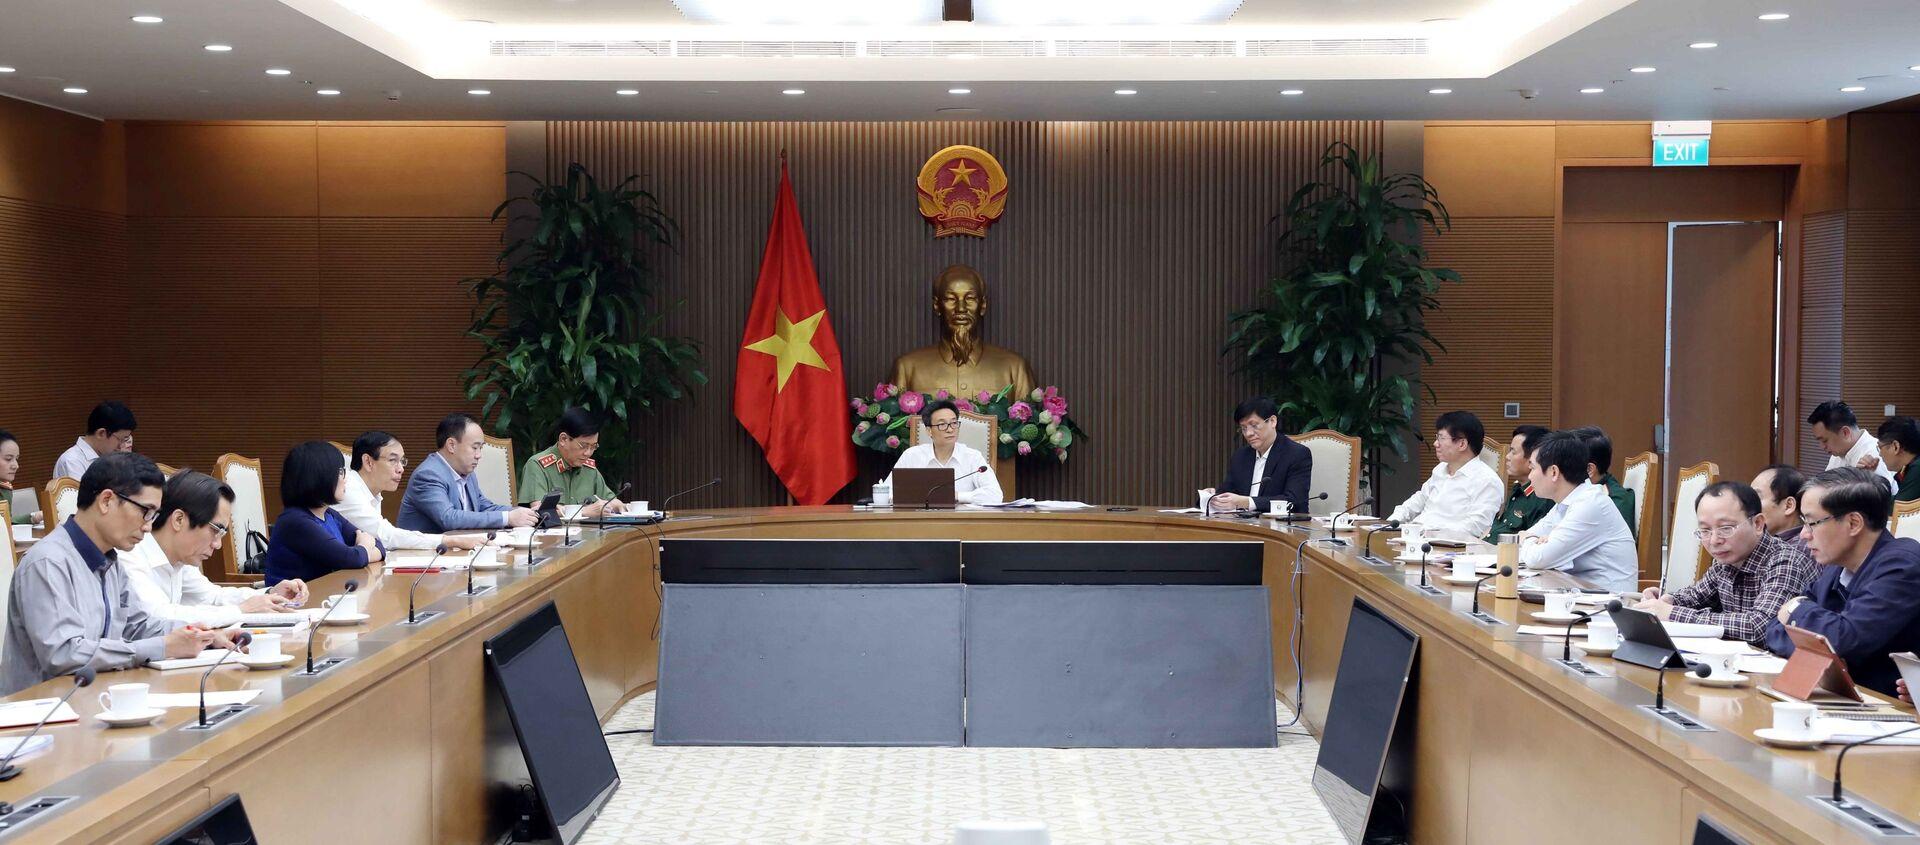 Quang cảnh cuộc họp. - Sputnik Việt Nam, 1920, 14.04.2021